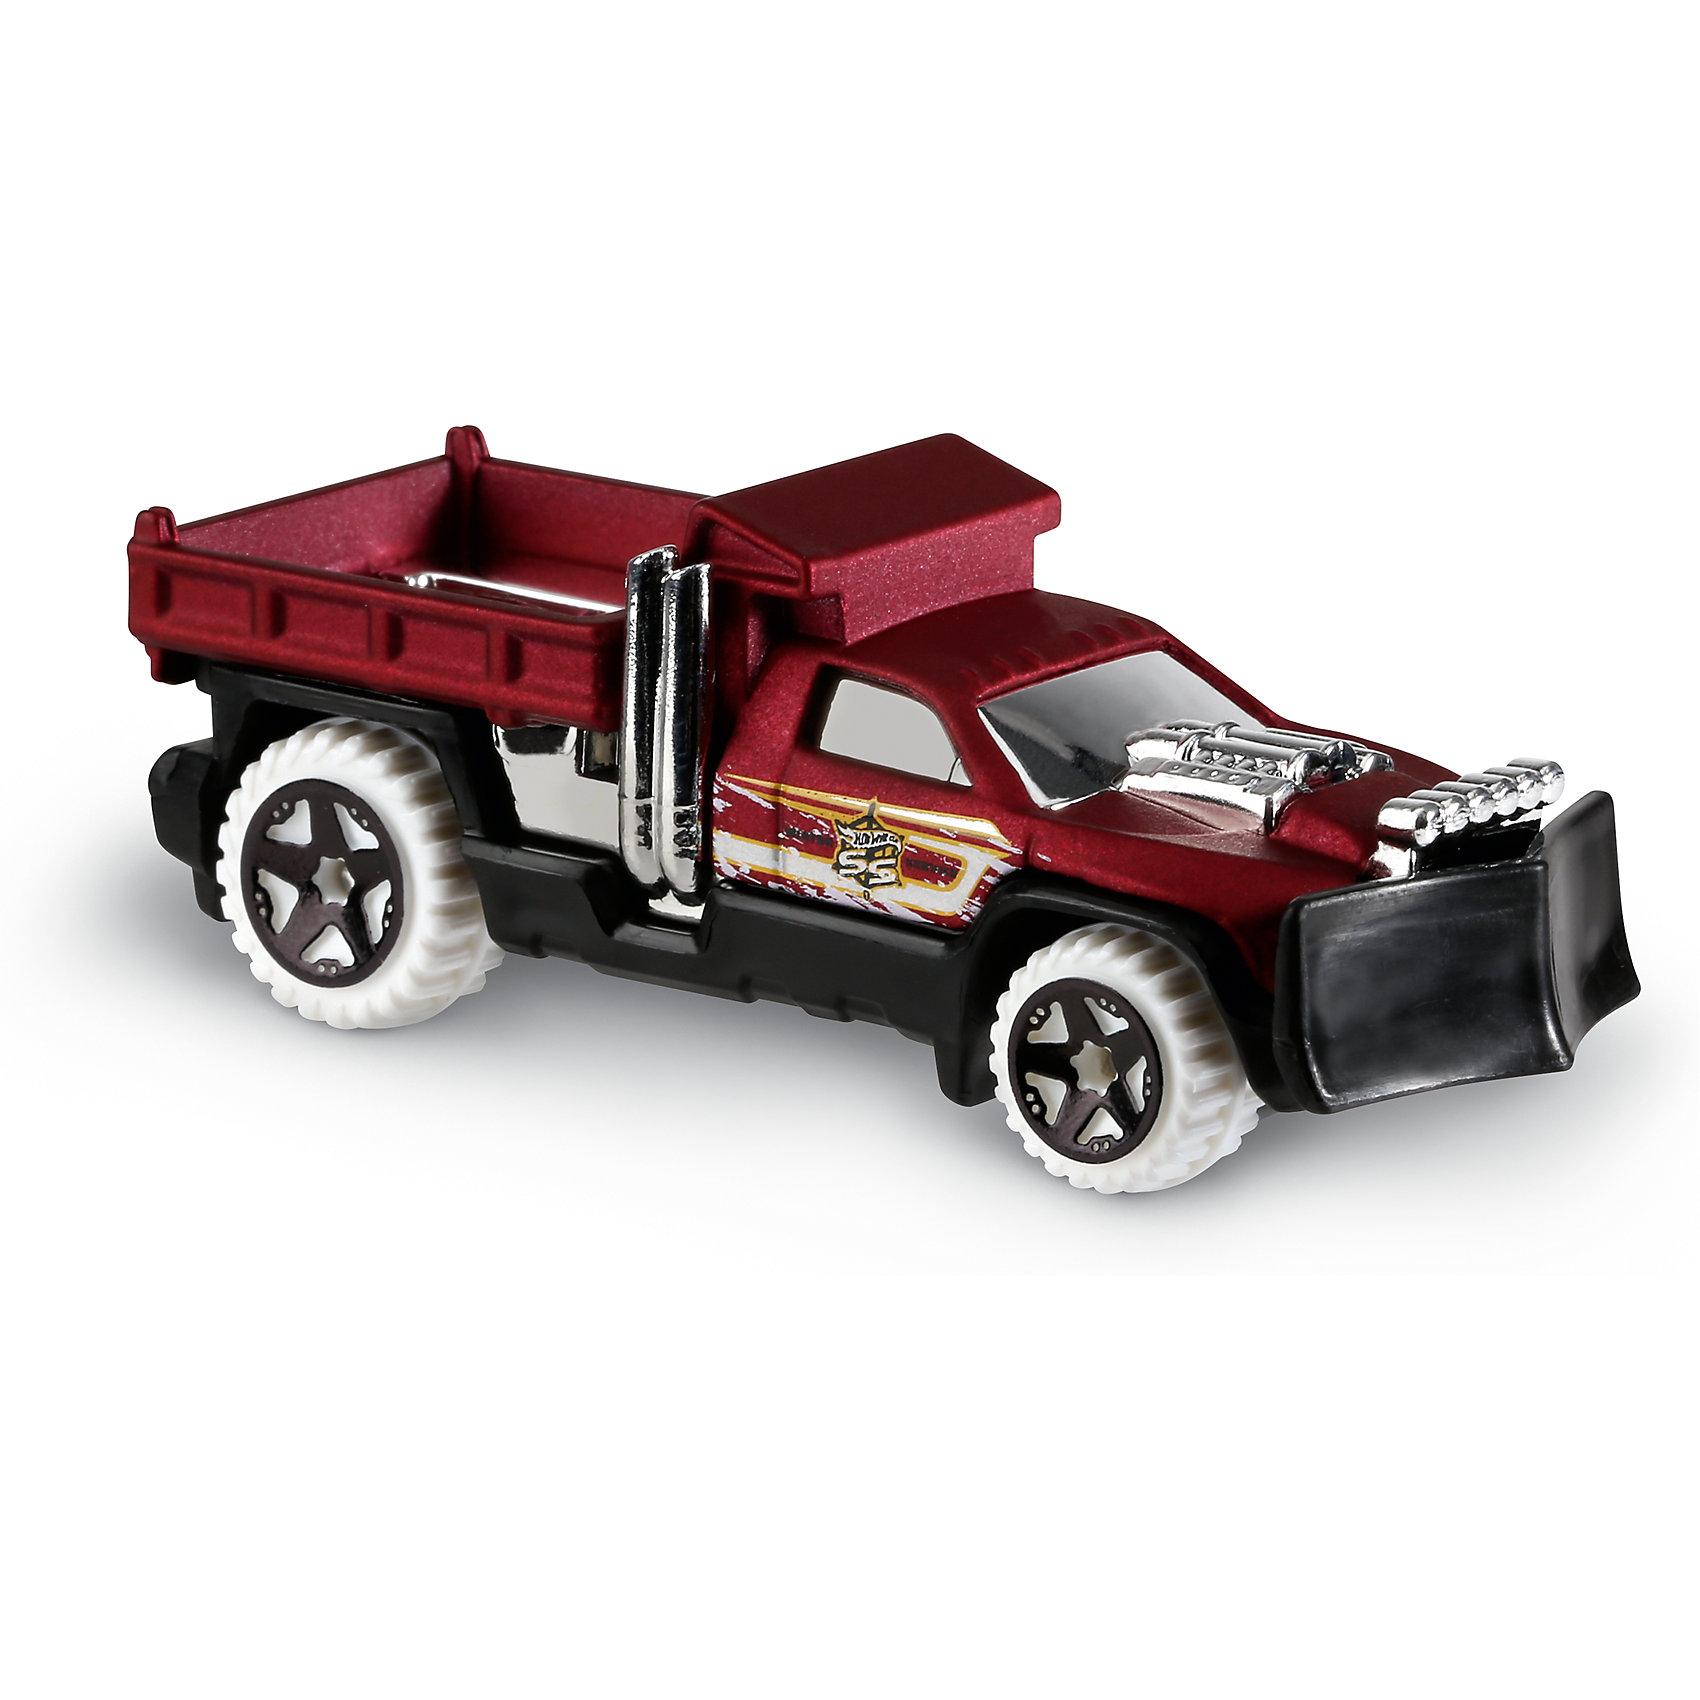 Базовая машинка Hot Wheels, So PlowedПопулярные игрушки<br><br><br>Ширина мм: 110<br>Глубина мм: 45<br>Высота мм: 110<br>Вес г: 30<br>Возраст от месяцев: 36<br>Возраст до месяцев: 96<br>Пол: Мужской<br>Возраст: Детский<br>SKU: 7111070